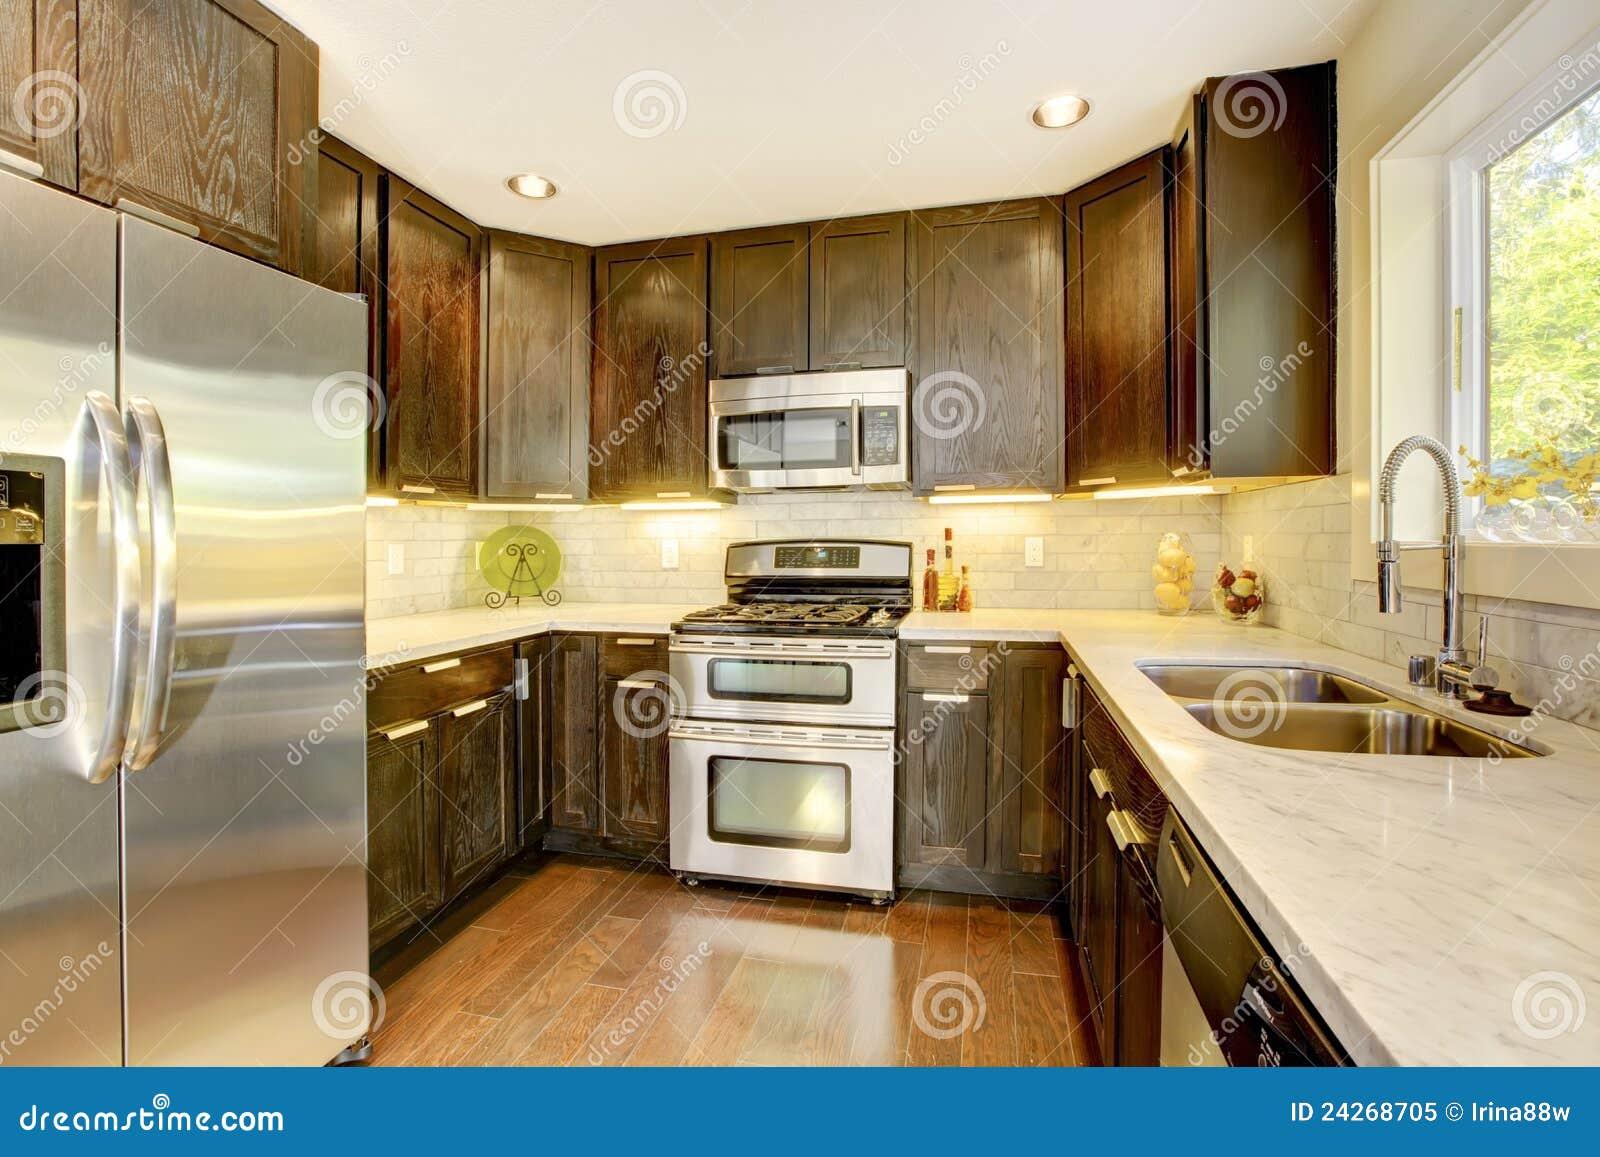 Parete Colorata Cucina. Simple Idee Colorate E Vivaci With Parete ...